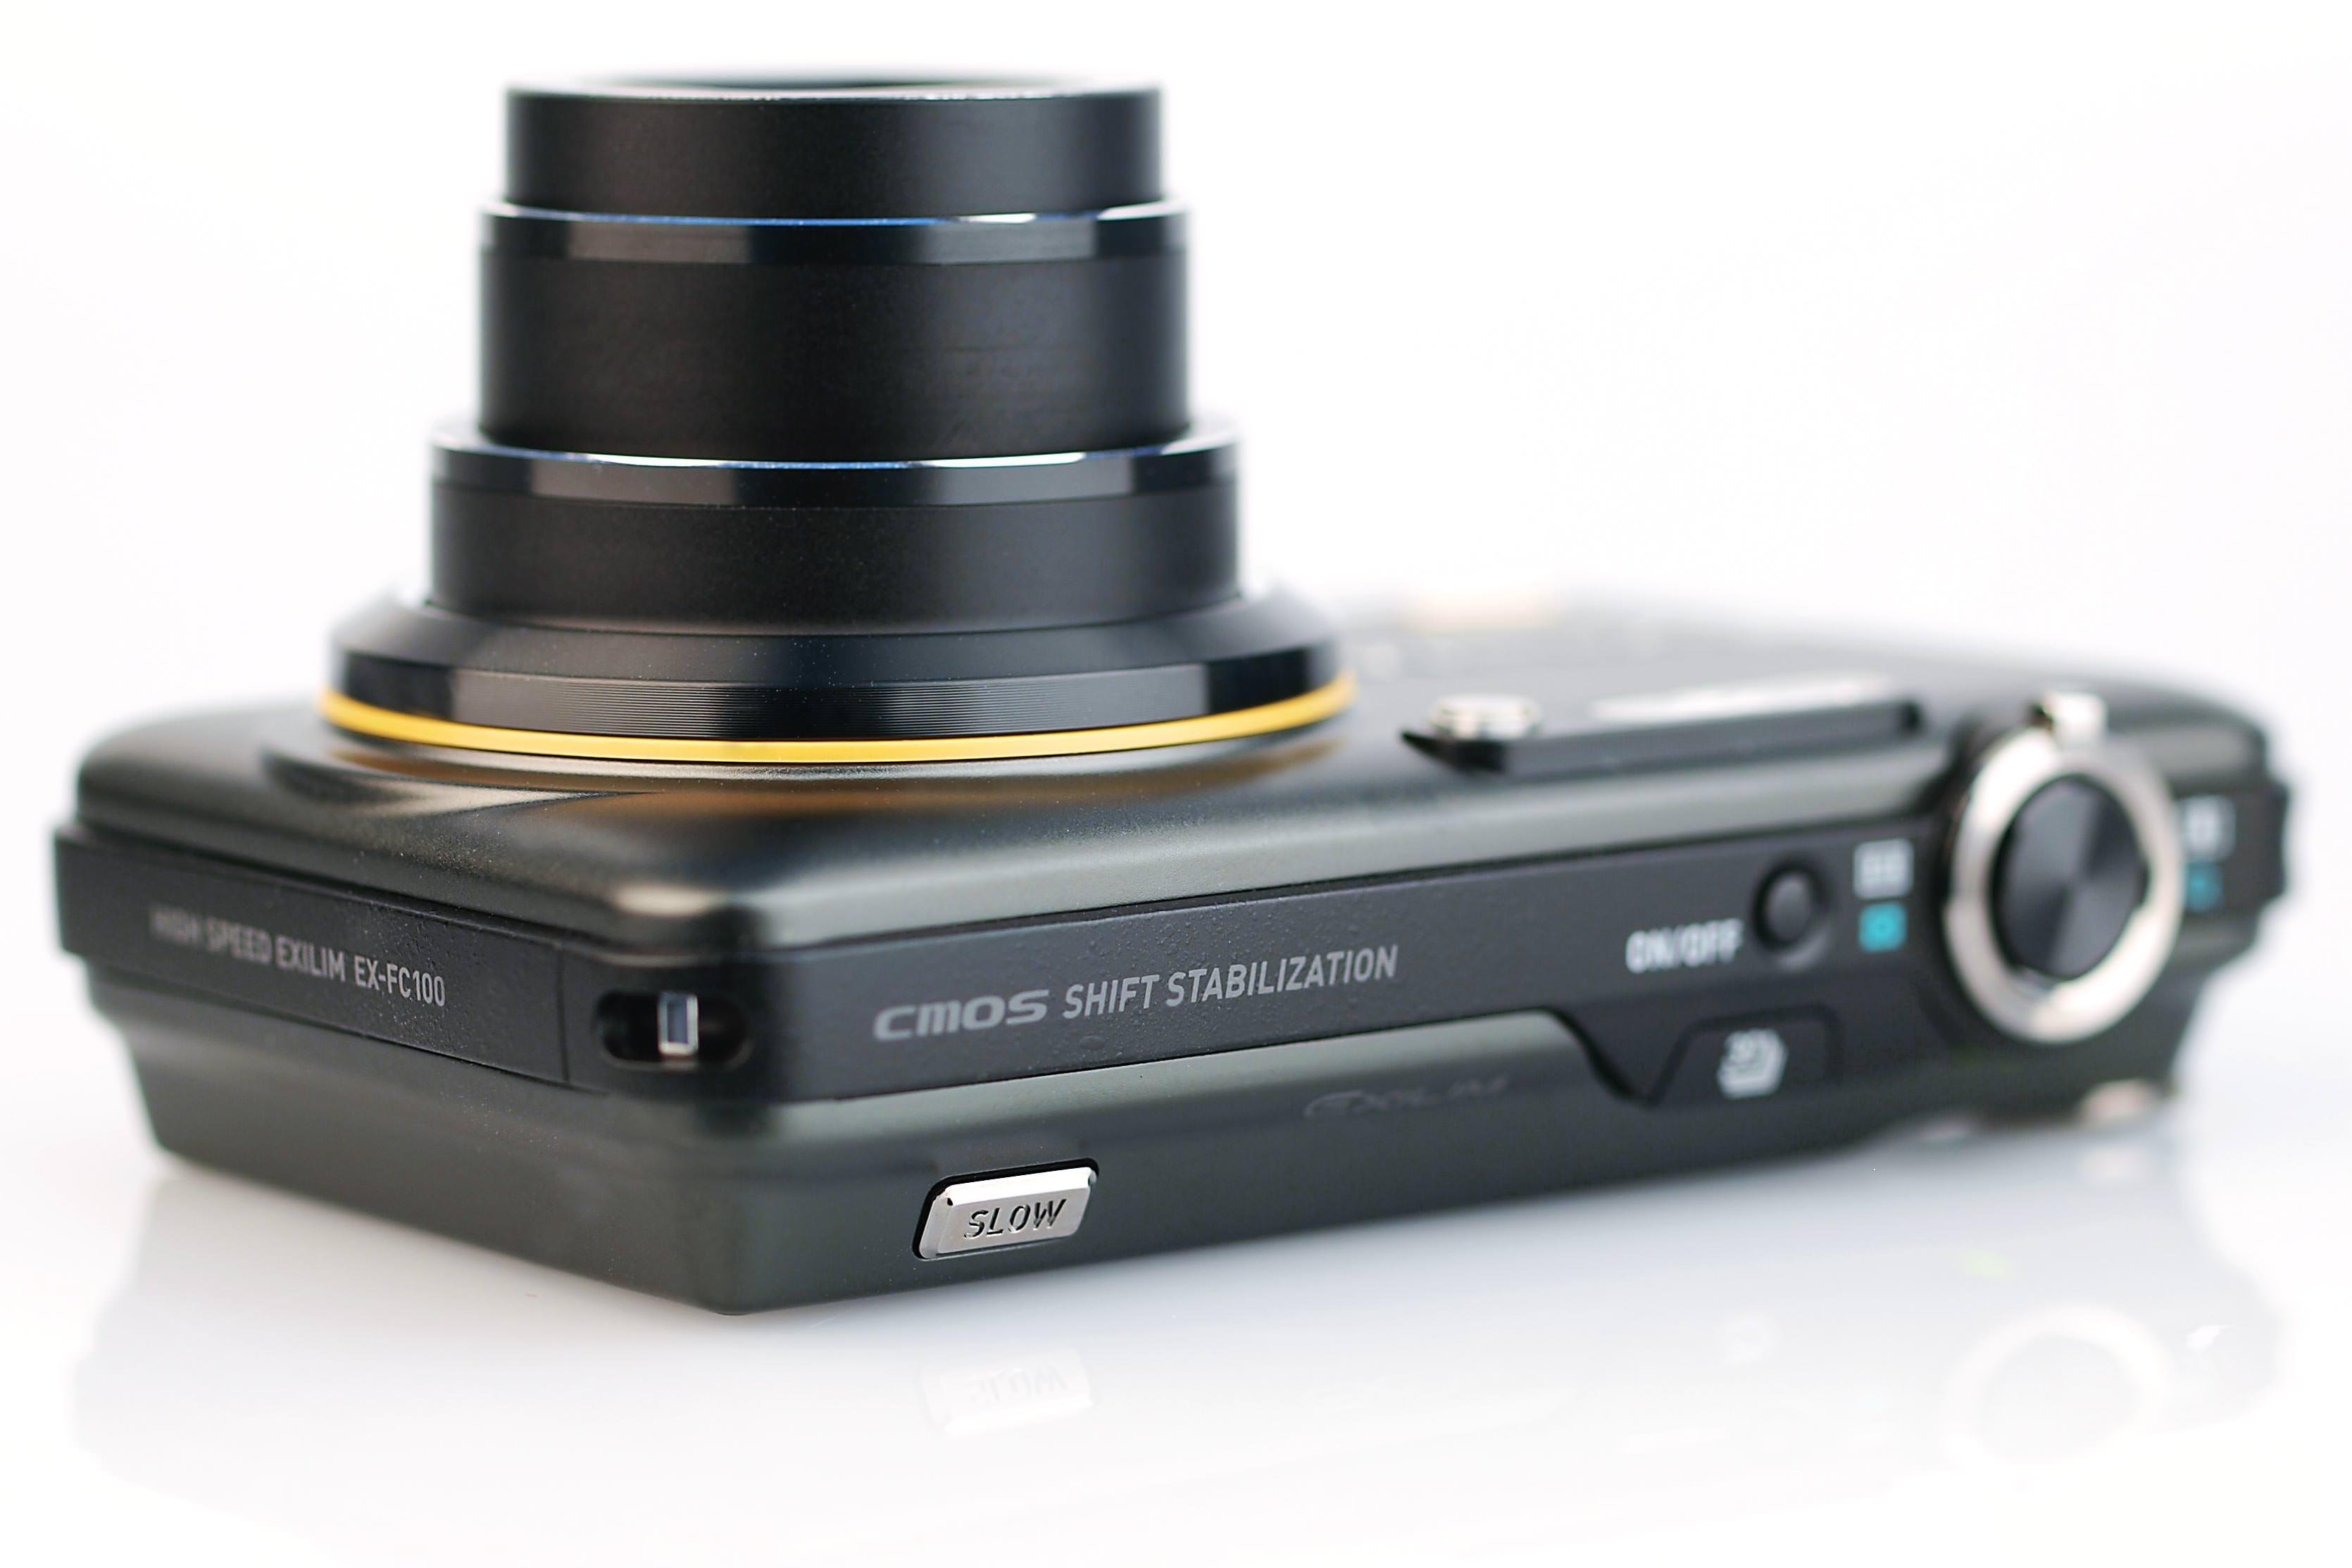 Camera Exilim 20 Fh Casio